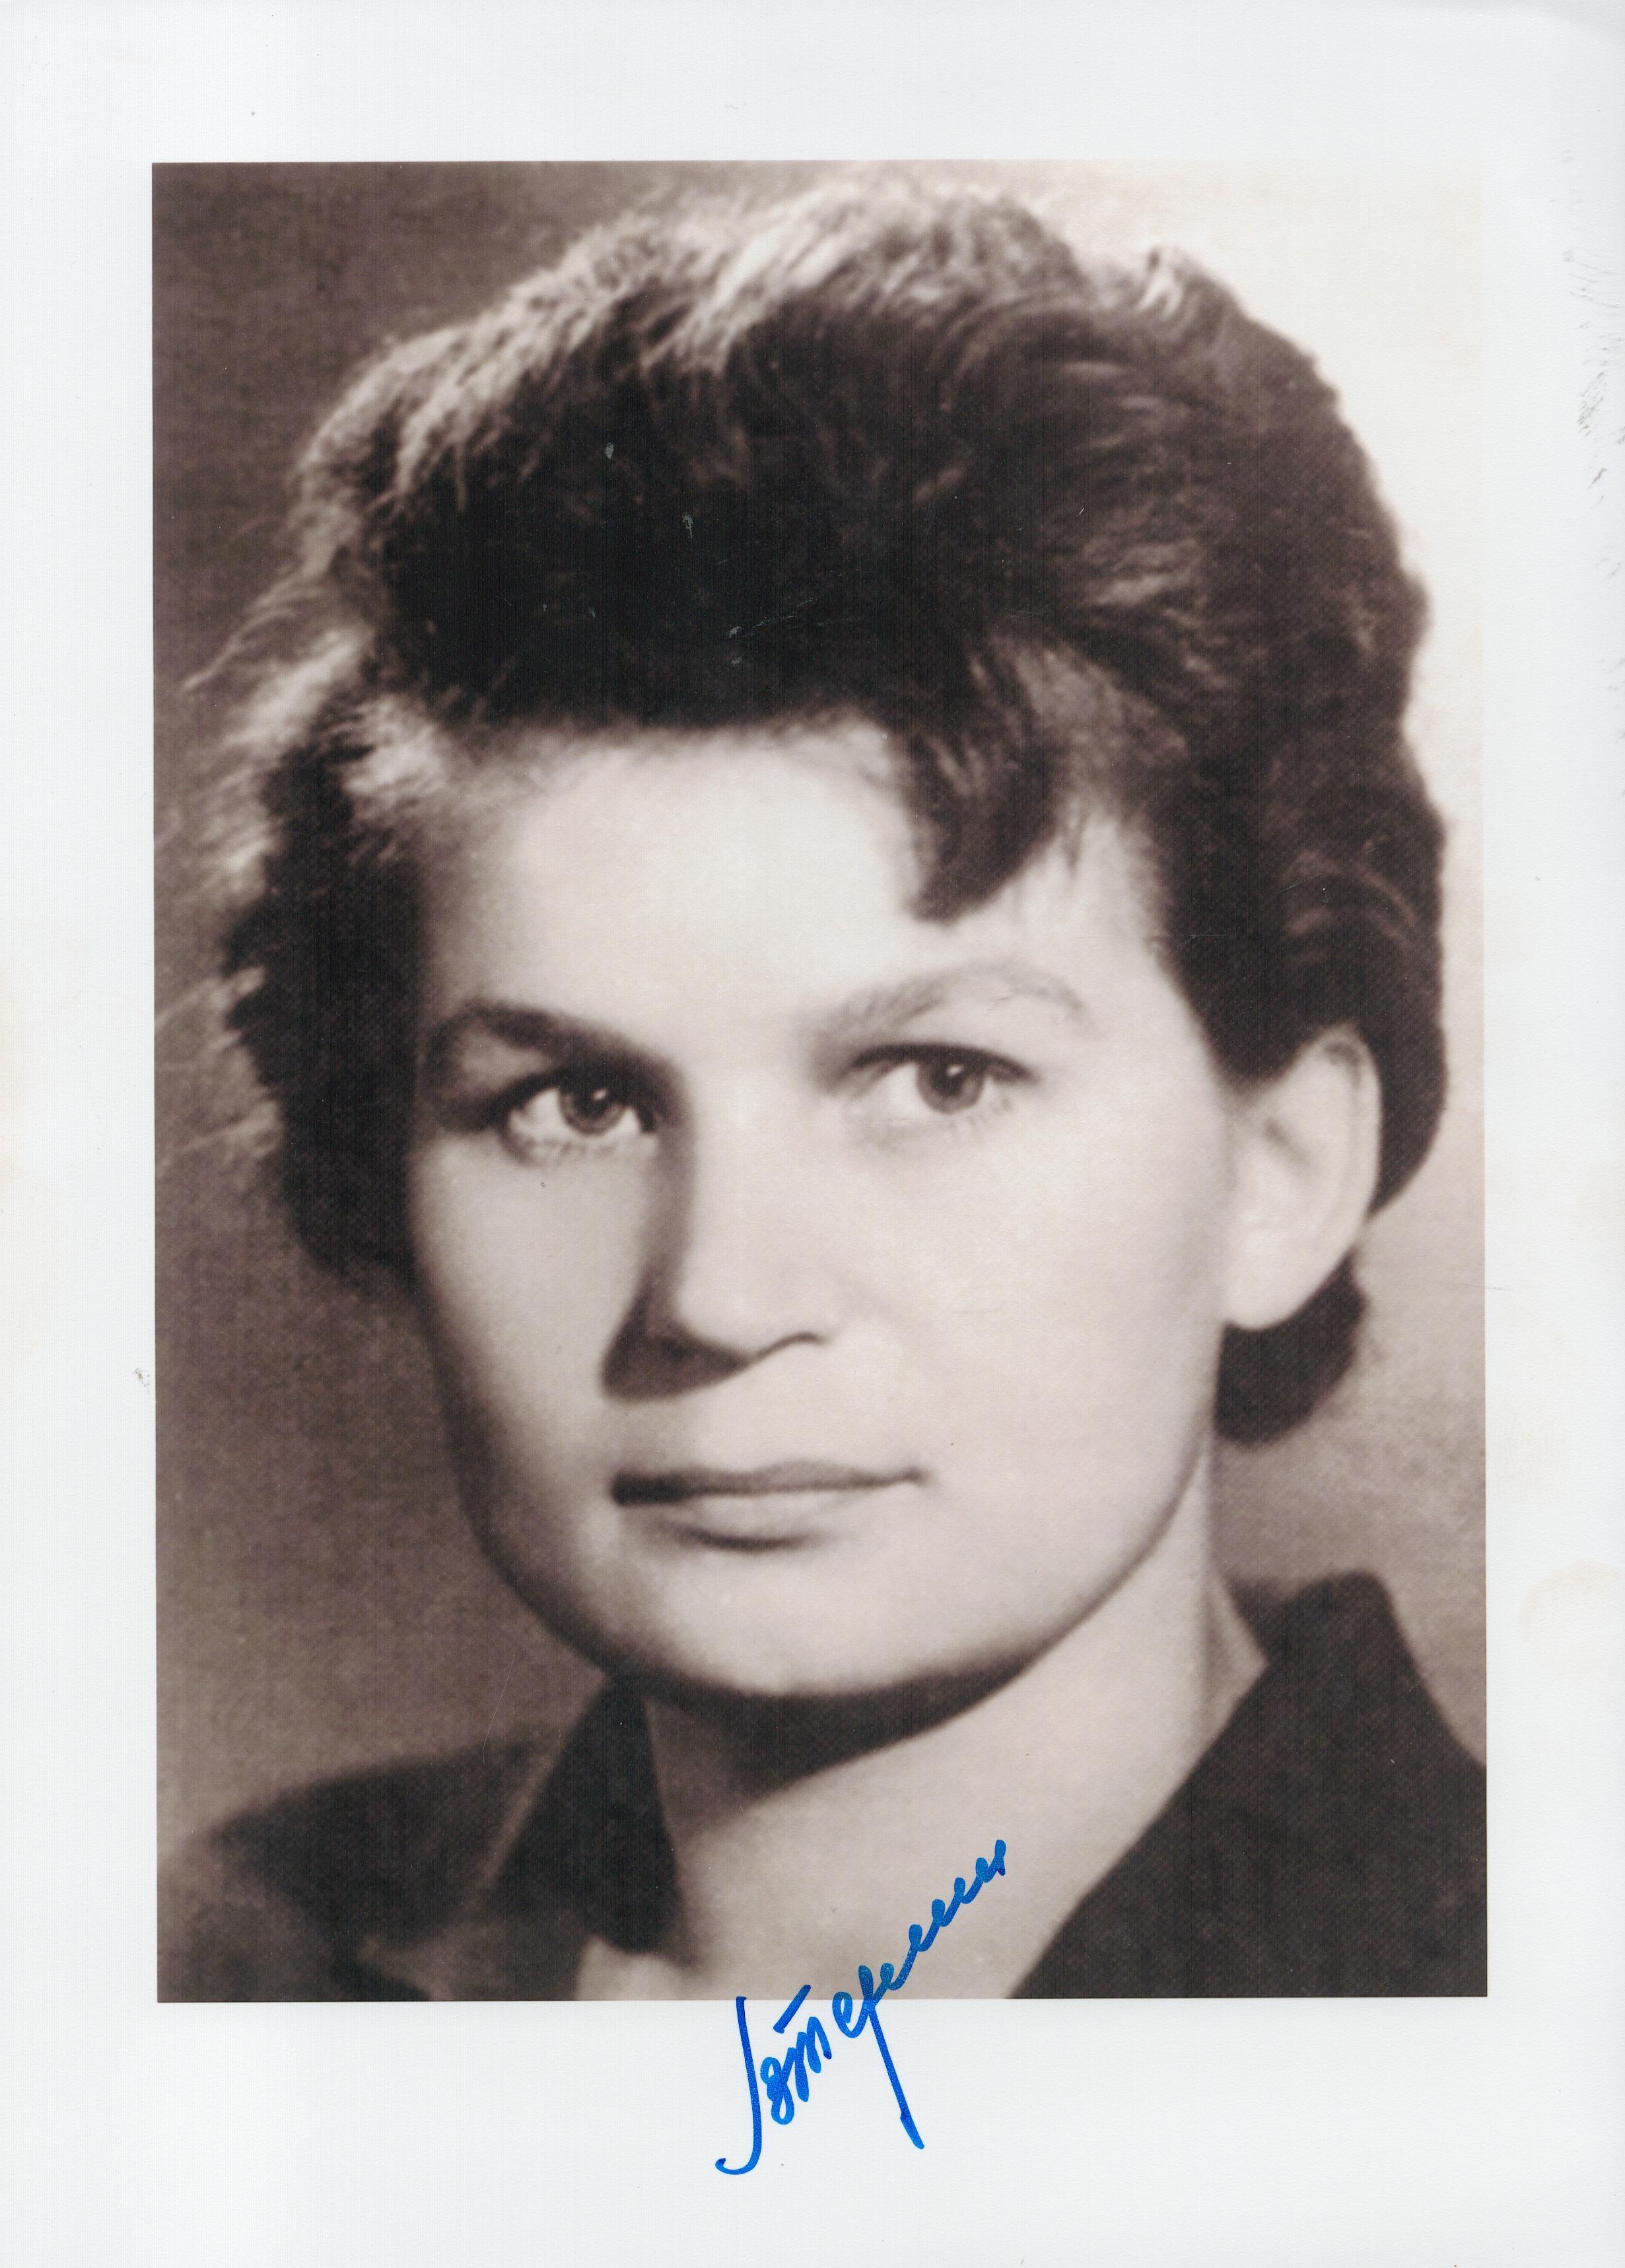 Space Valentina Tereshkova signed 12x8 black and white photo. Valentina Vladimirovna Tereshkova born